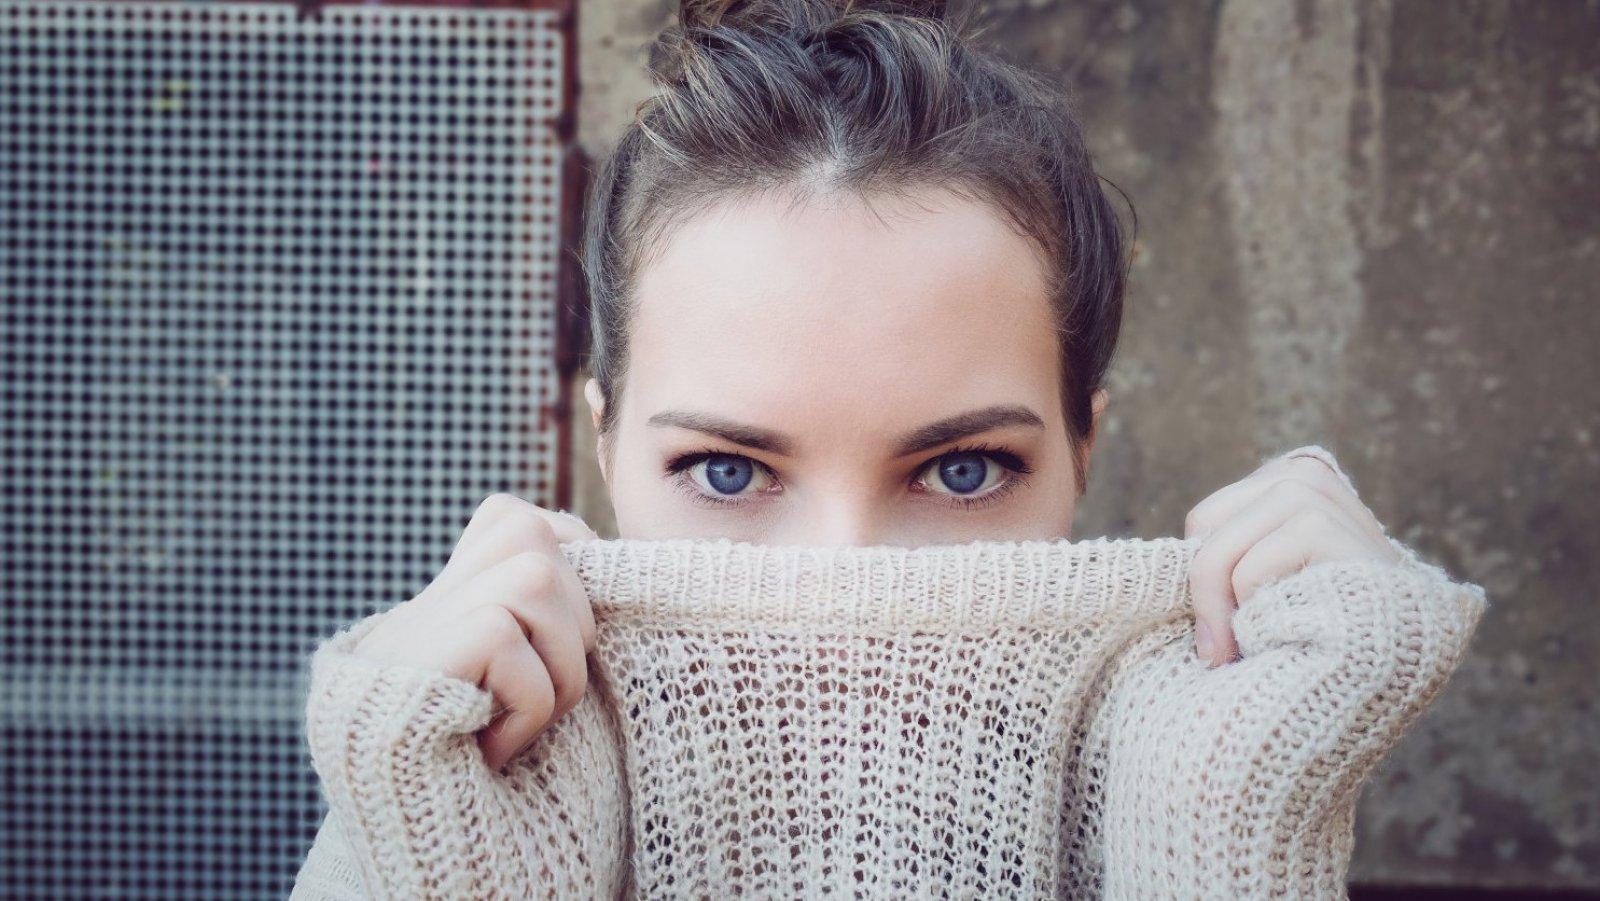 Tanto el color como la forma del ojo se identifican con diferentes formas de ser.